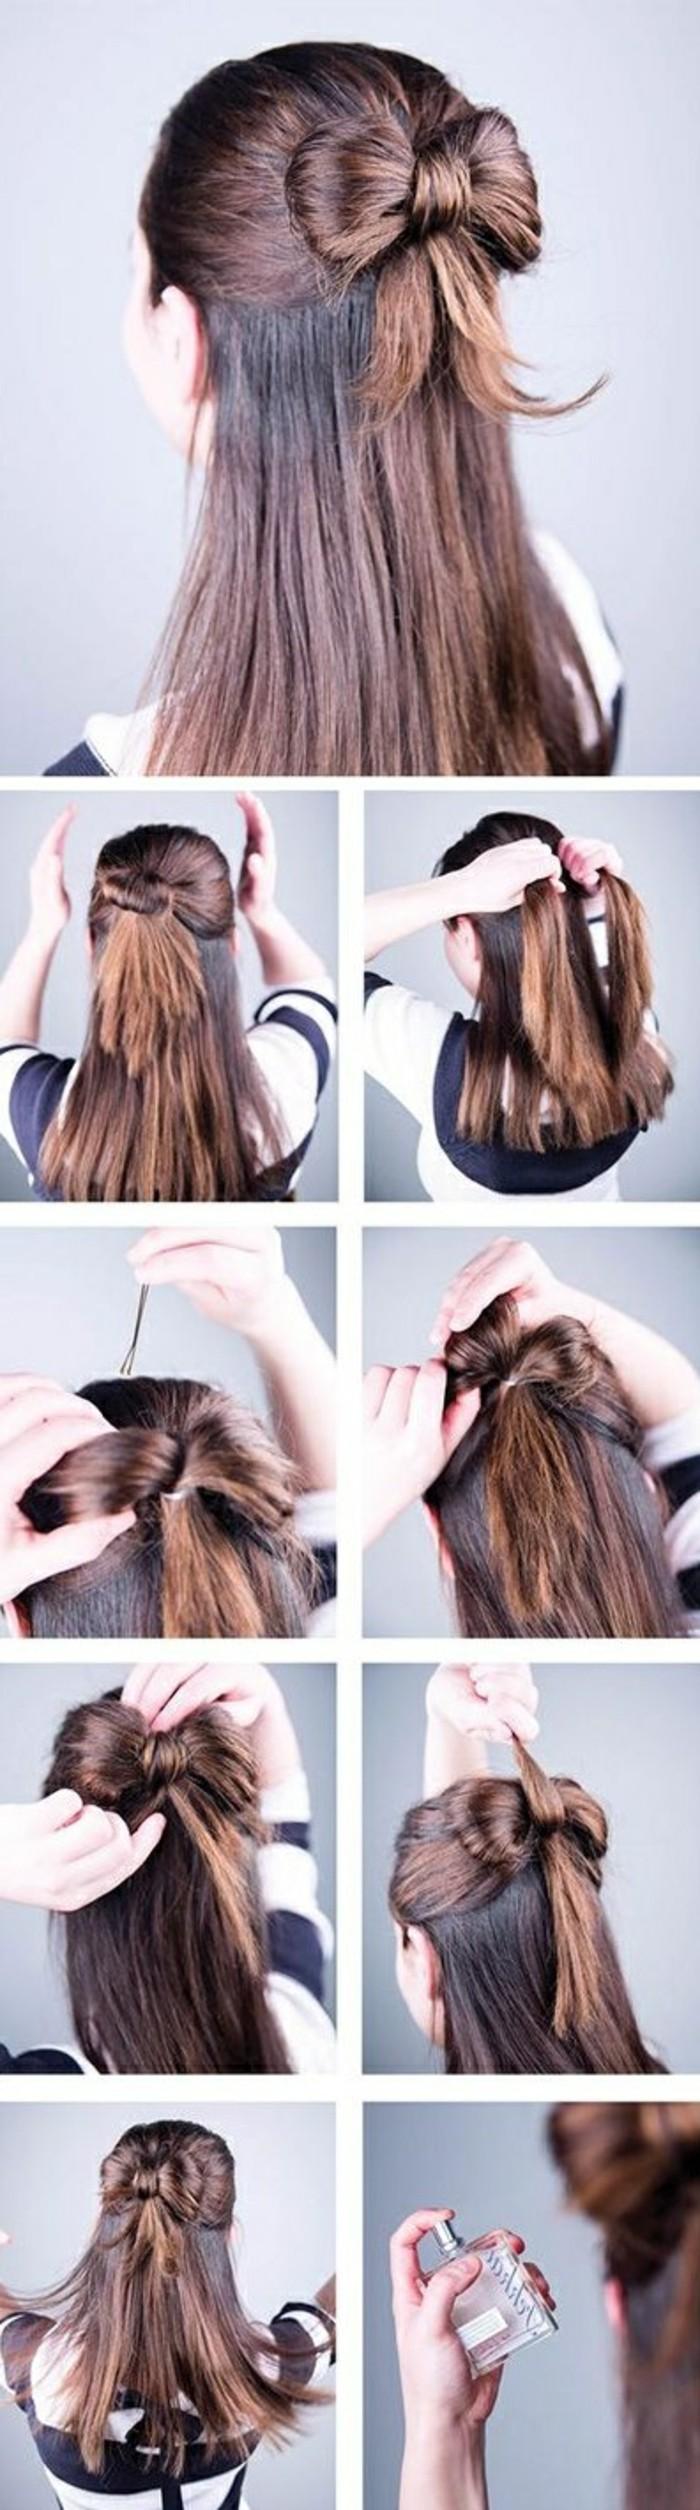 peinados para ir de fiesta, recogidos y semirecogidos pelo largo, recogidos sencillos paso a paso